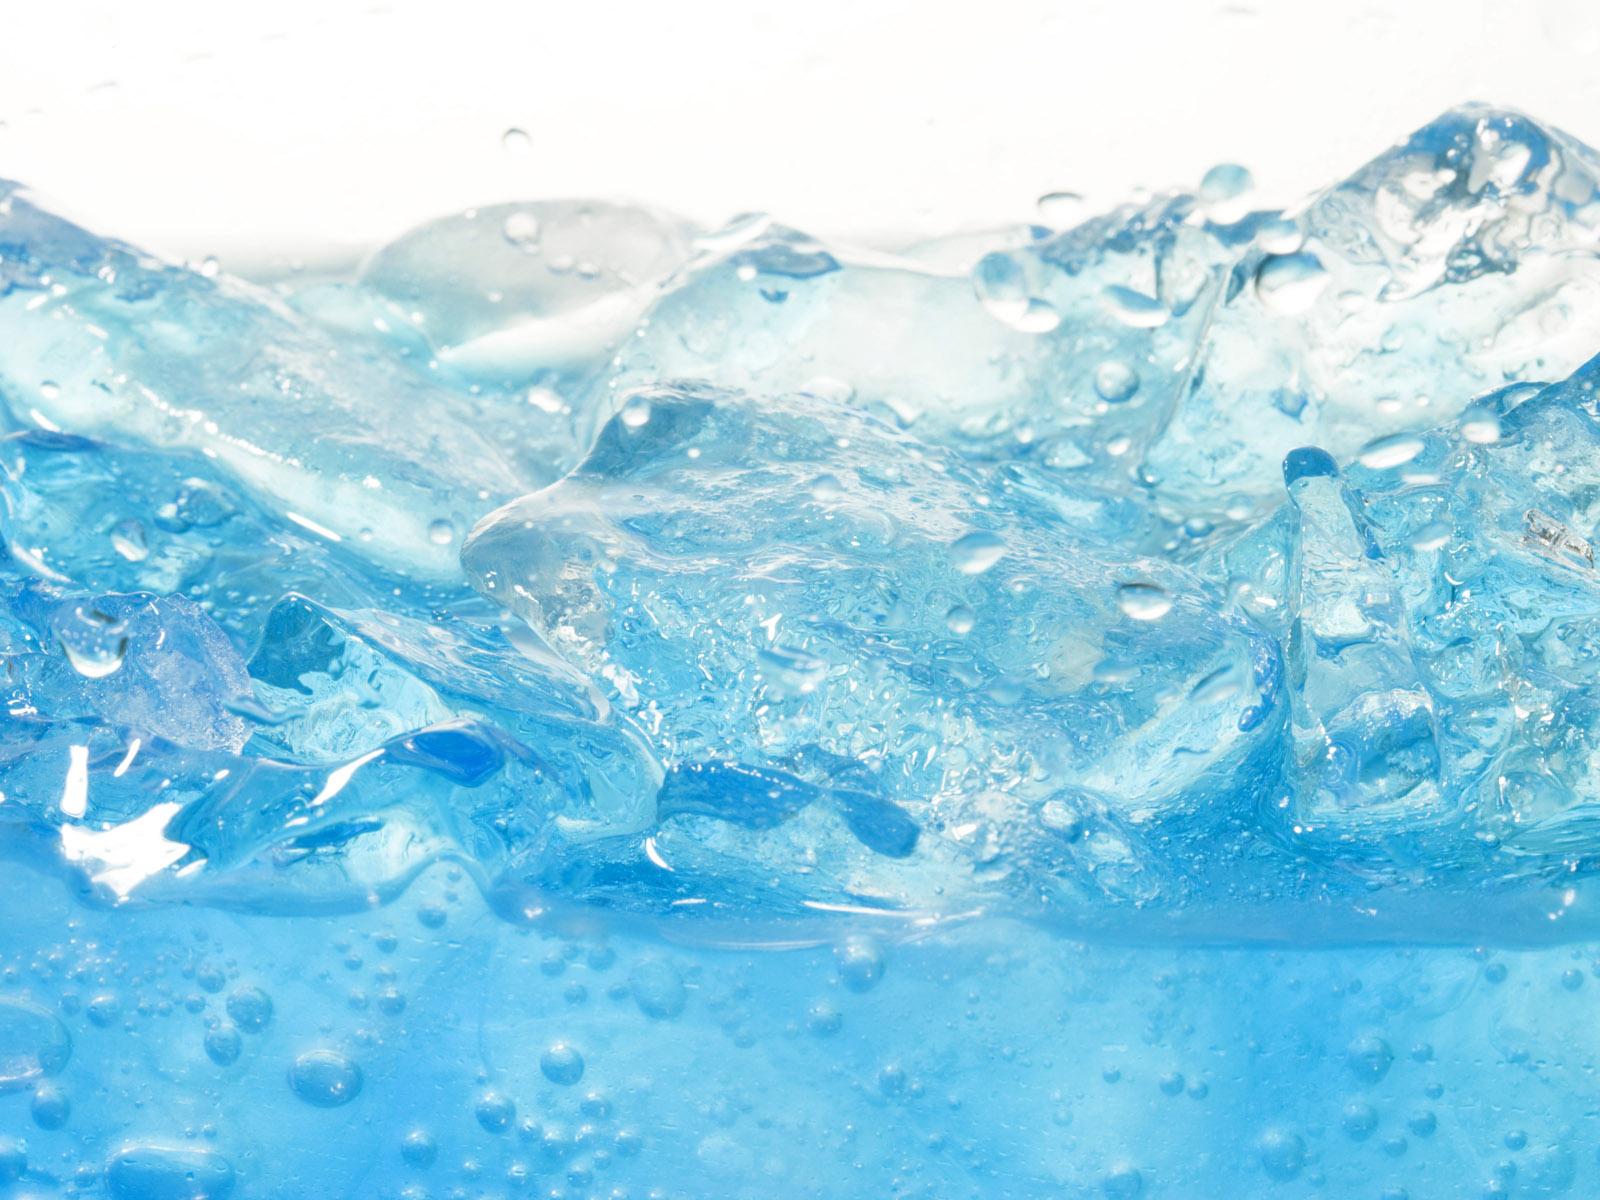 http://1.bp.blogspot.com/-BKLfogAMxxU/TkwbuNhB3bI/AAAAAAAADis/oFmWfSCJ9Bw/s1600/ice%2Bwallpaper%2Bhd%2B3.jpg